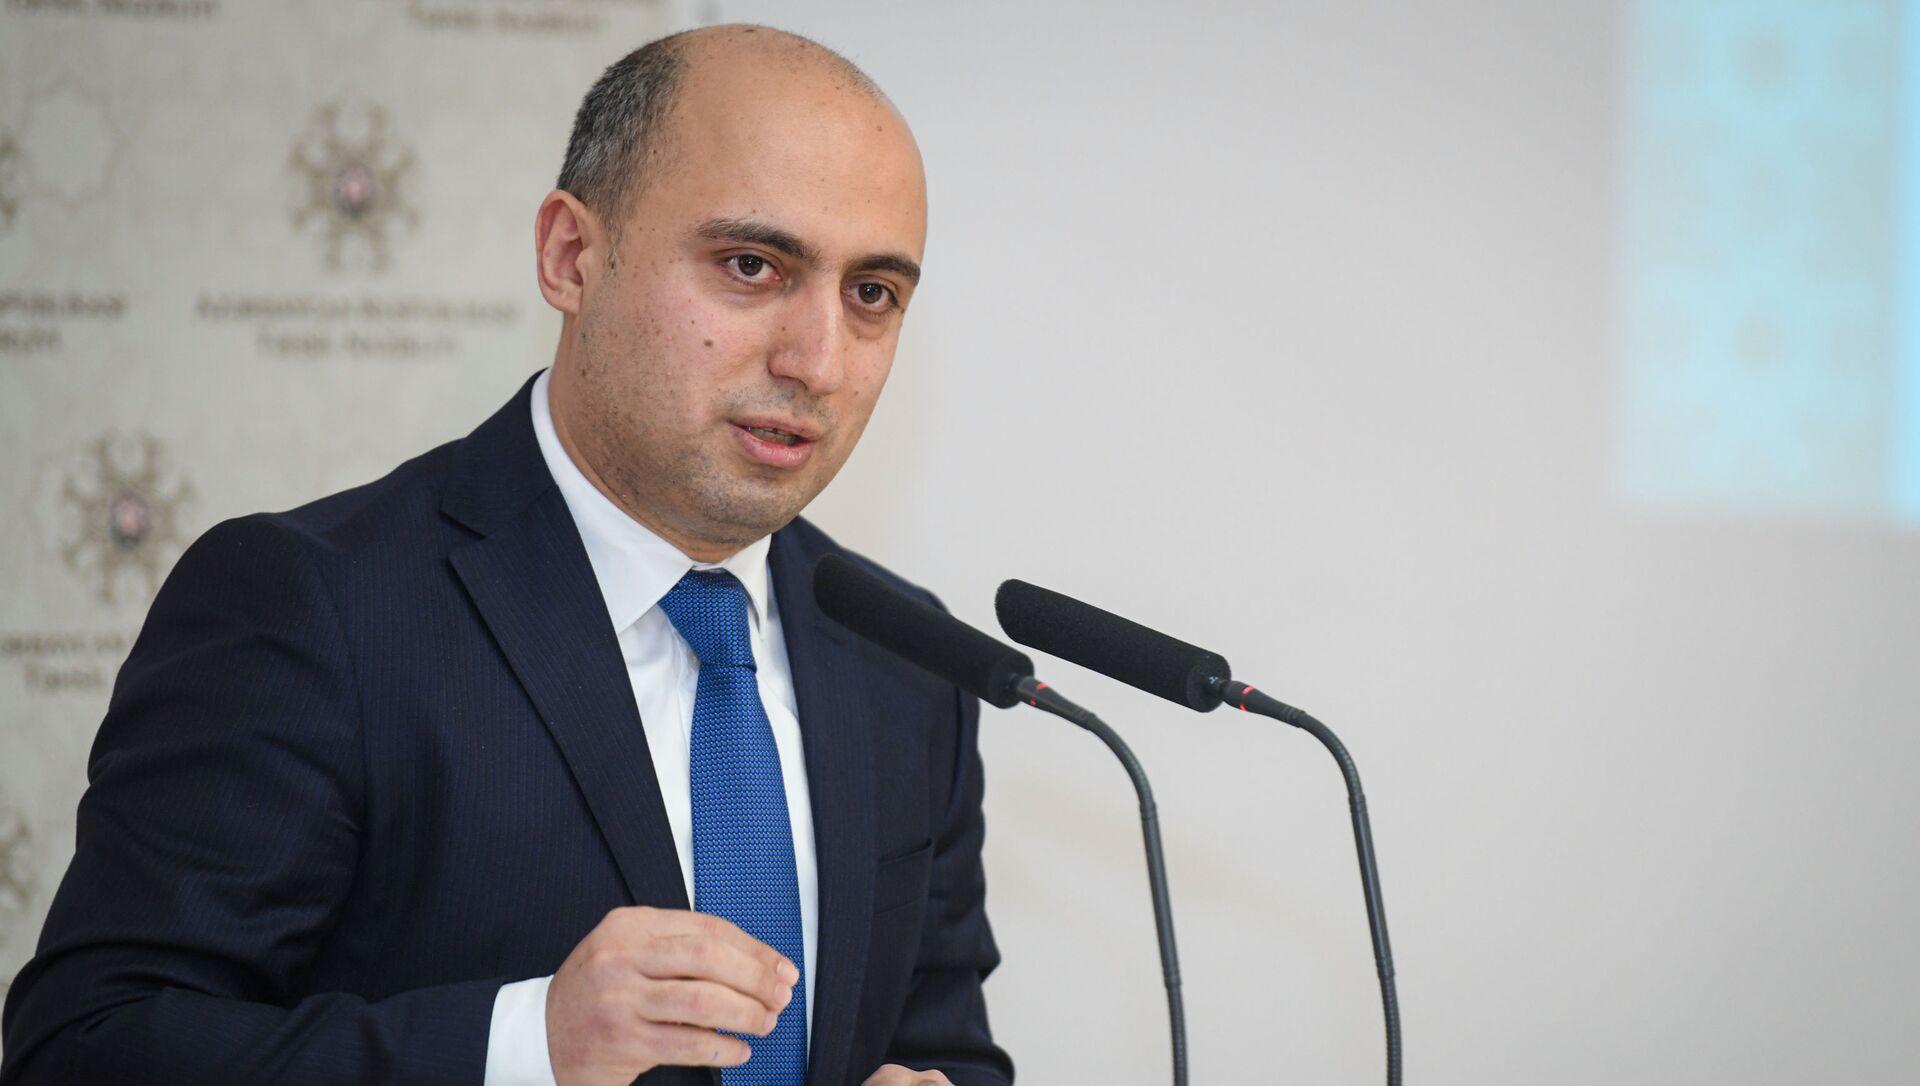 Təhsil naziri Emin Əmrullayev - Sputnik Азербайджан, 1920, 27.08.2021